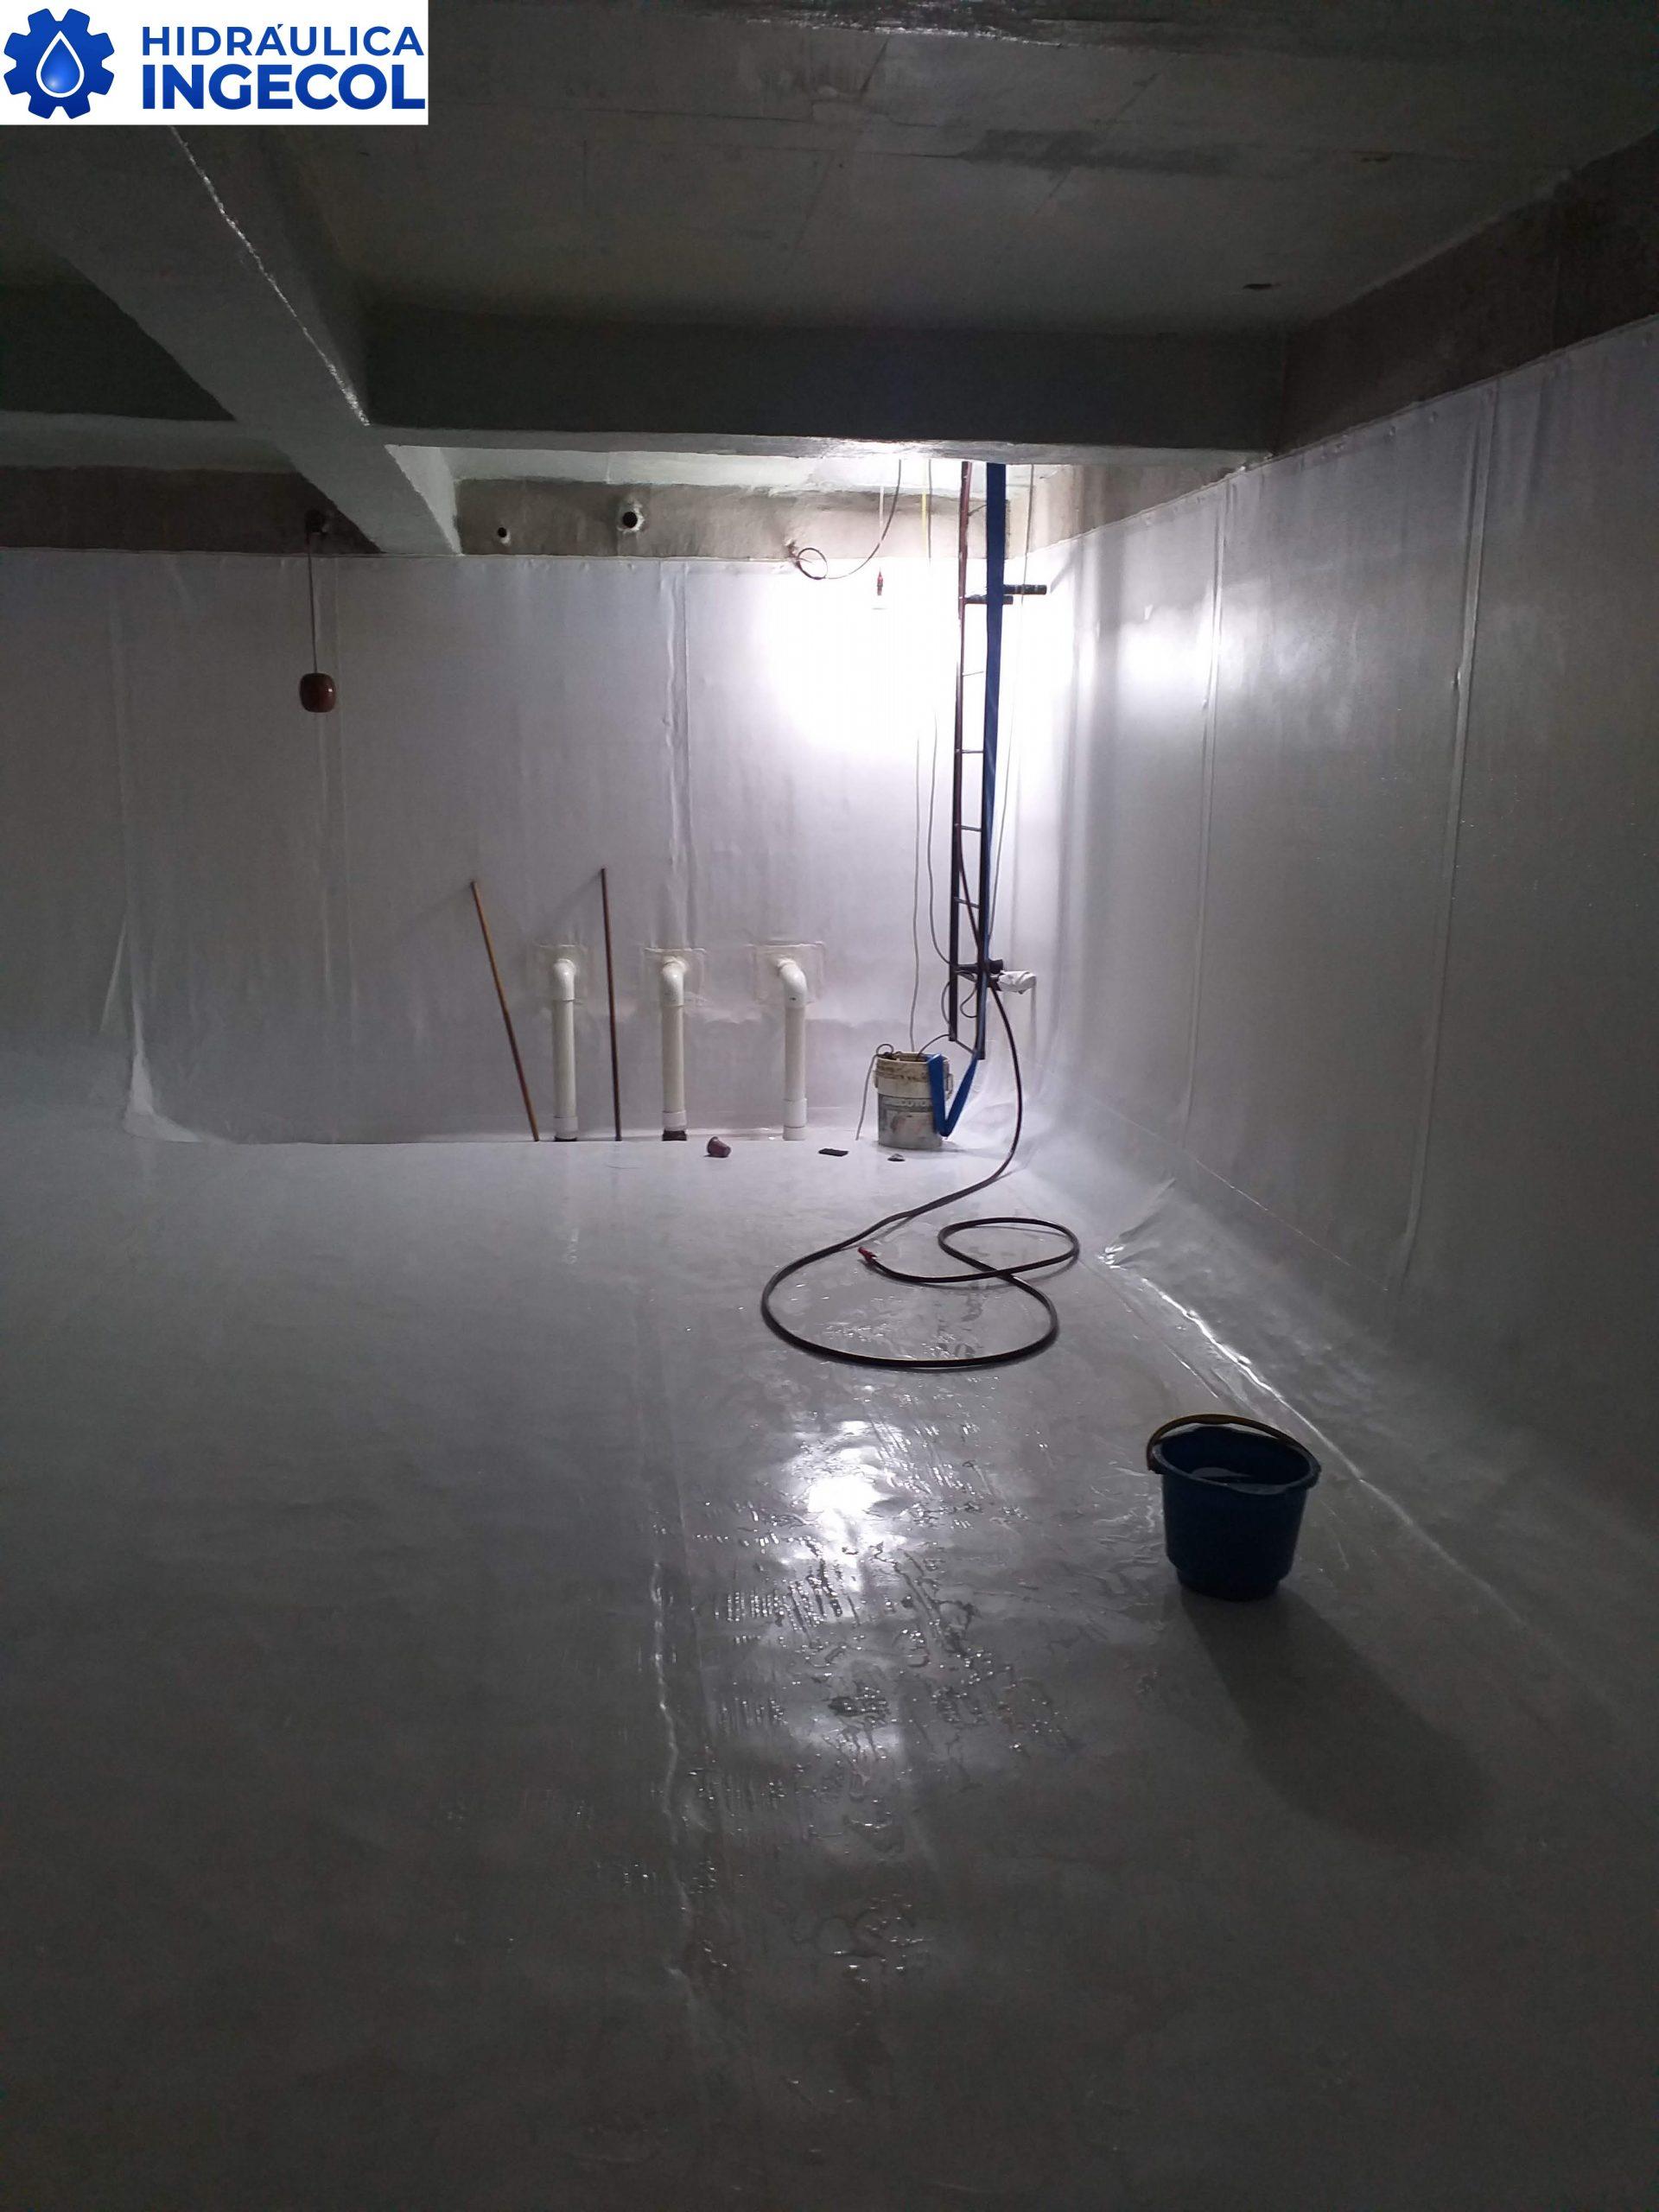 Lavado y desinfección de tanques de almacenamiento de agua potable